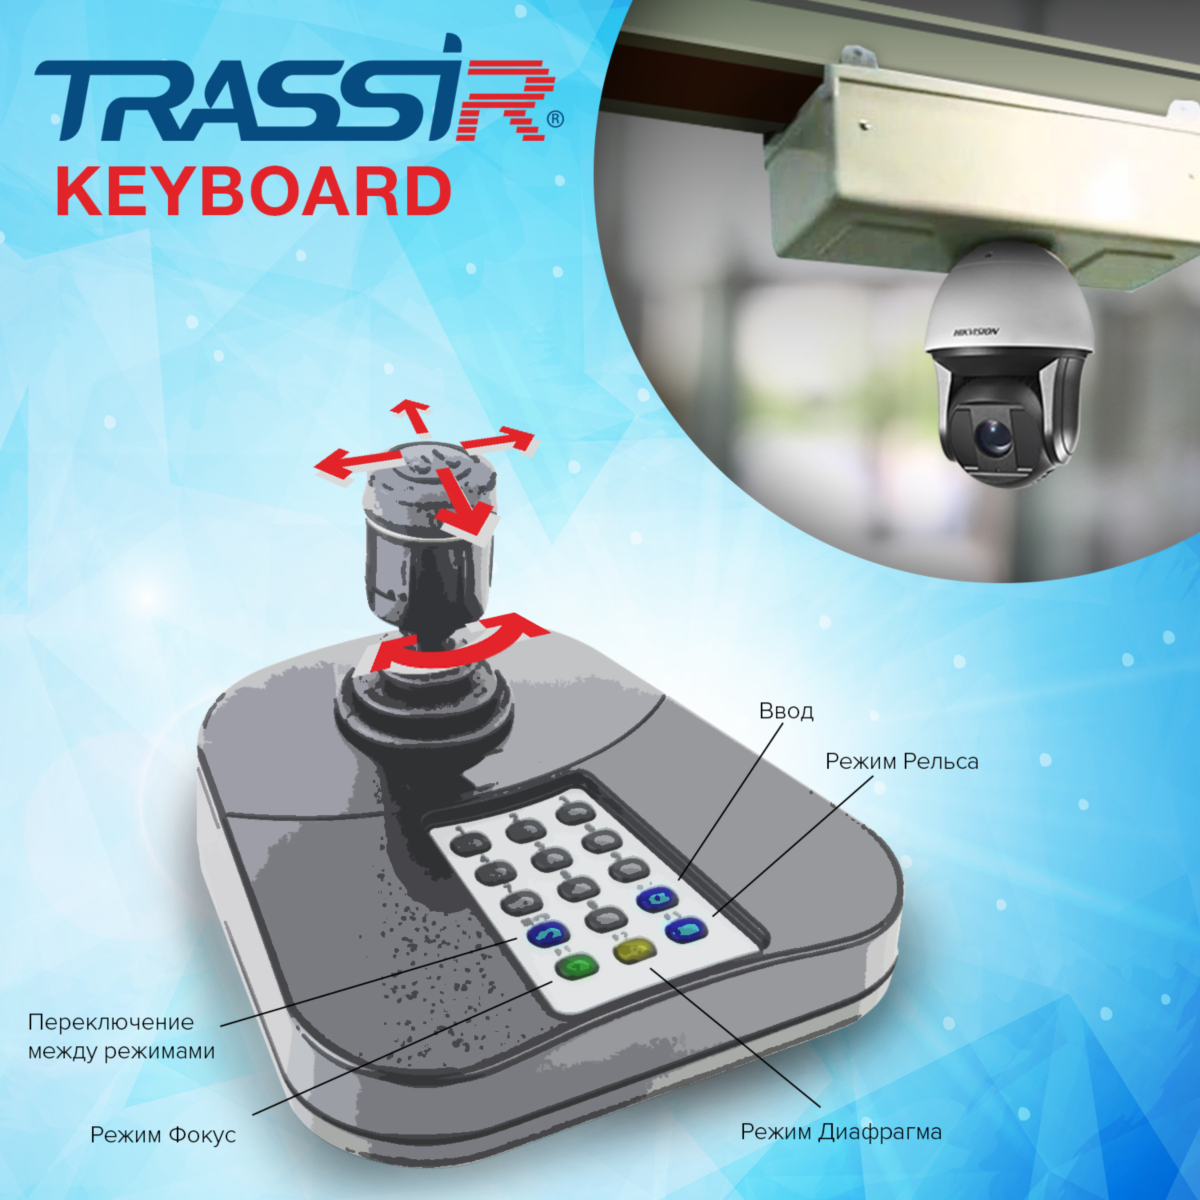 Цифровое видеонаблюдение и аудиозапись TRASSIR TRASSIR Keyboard